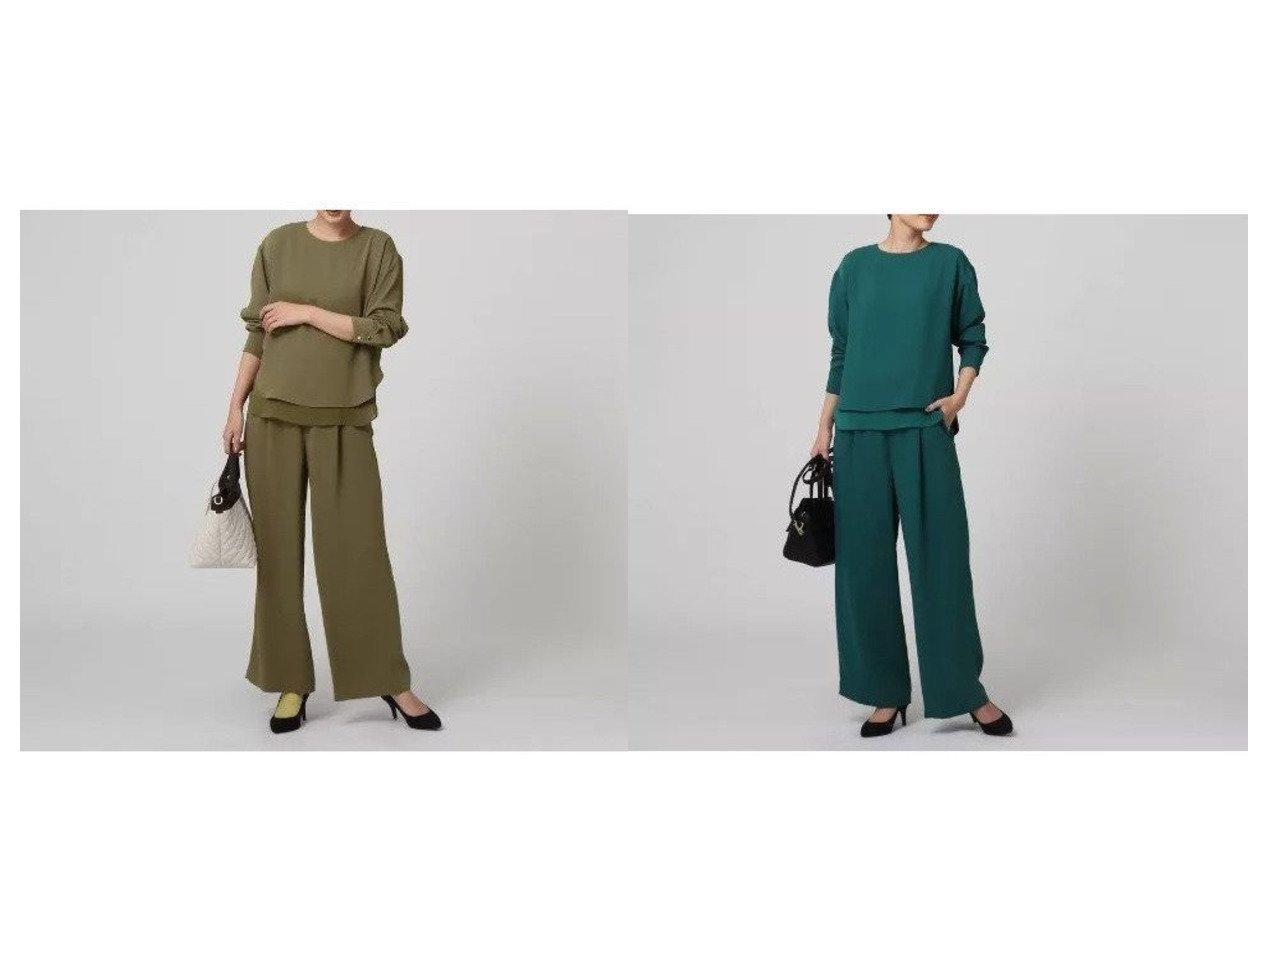 【UNTITLED/アンタイトル】のリーンラインベネ セットアップ ワンピース・ドレスのおすすめ!人気、レディースファッションの通販 おすすめで人気のファッション通販商品 インテリア・家具・キッズファッション・メンズファッション・レディースファッション・服の通販 founy(ファニー) https://founy.com/ ファッション Fashion レディース WOMEN セットアップ Setup シンプル ストレート セットアップ ワイド  ID:crp329100000002487